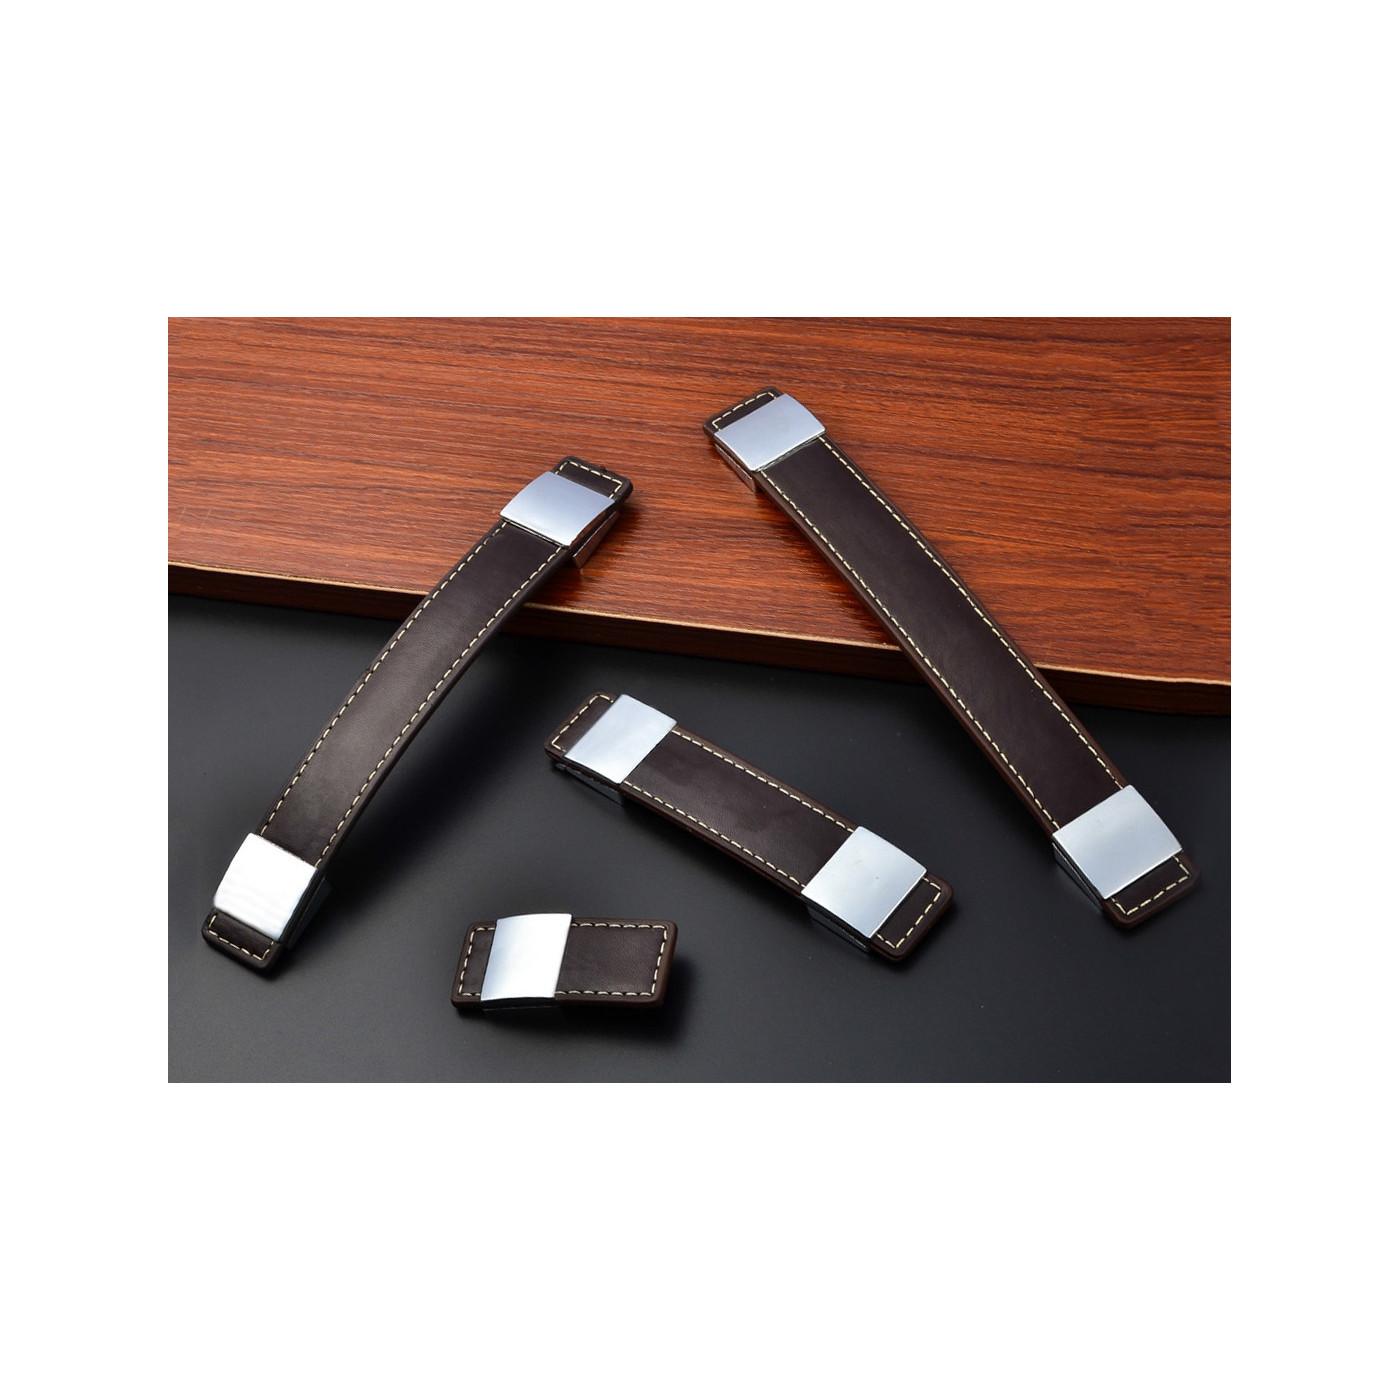 Zestaw 4 skórzanych uchwytów meblowych, ciemnobrązowy, 242x30 mm